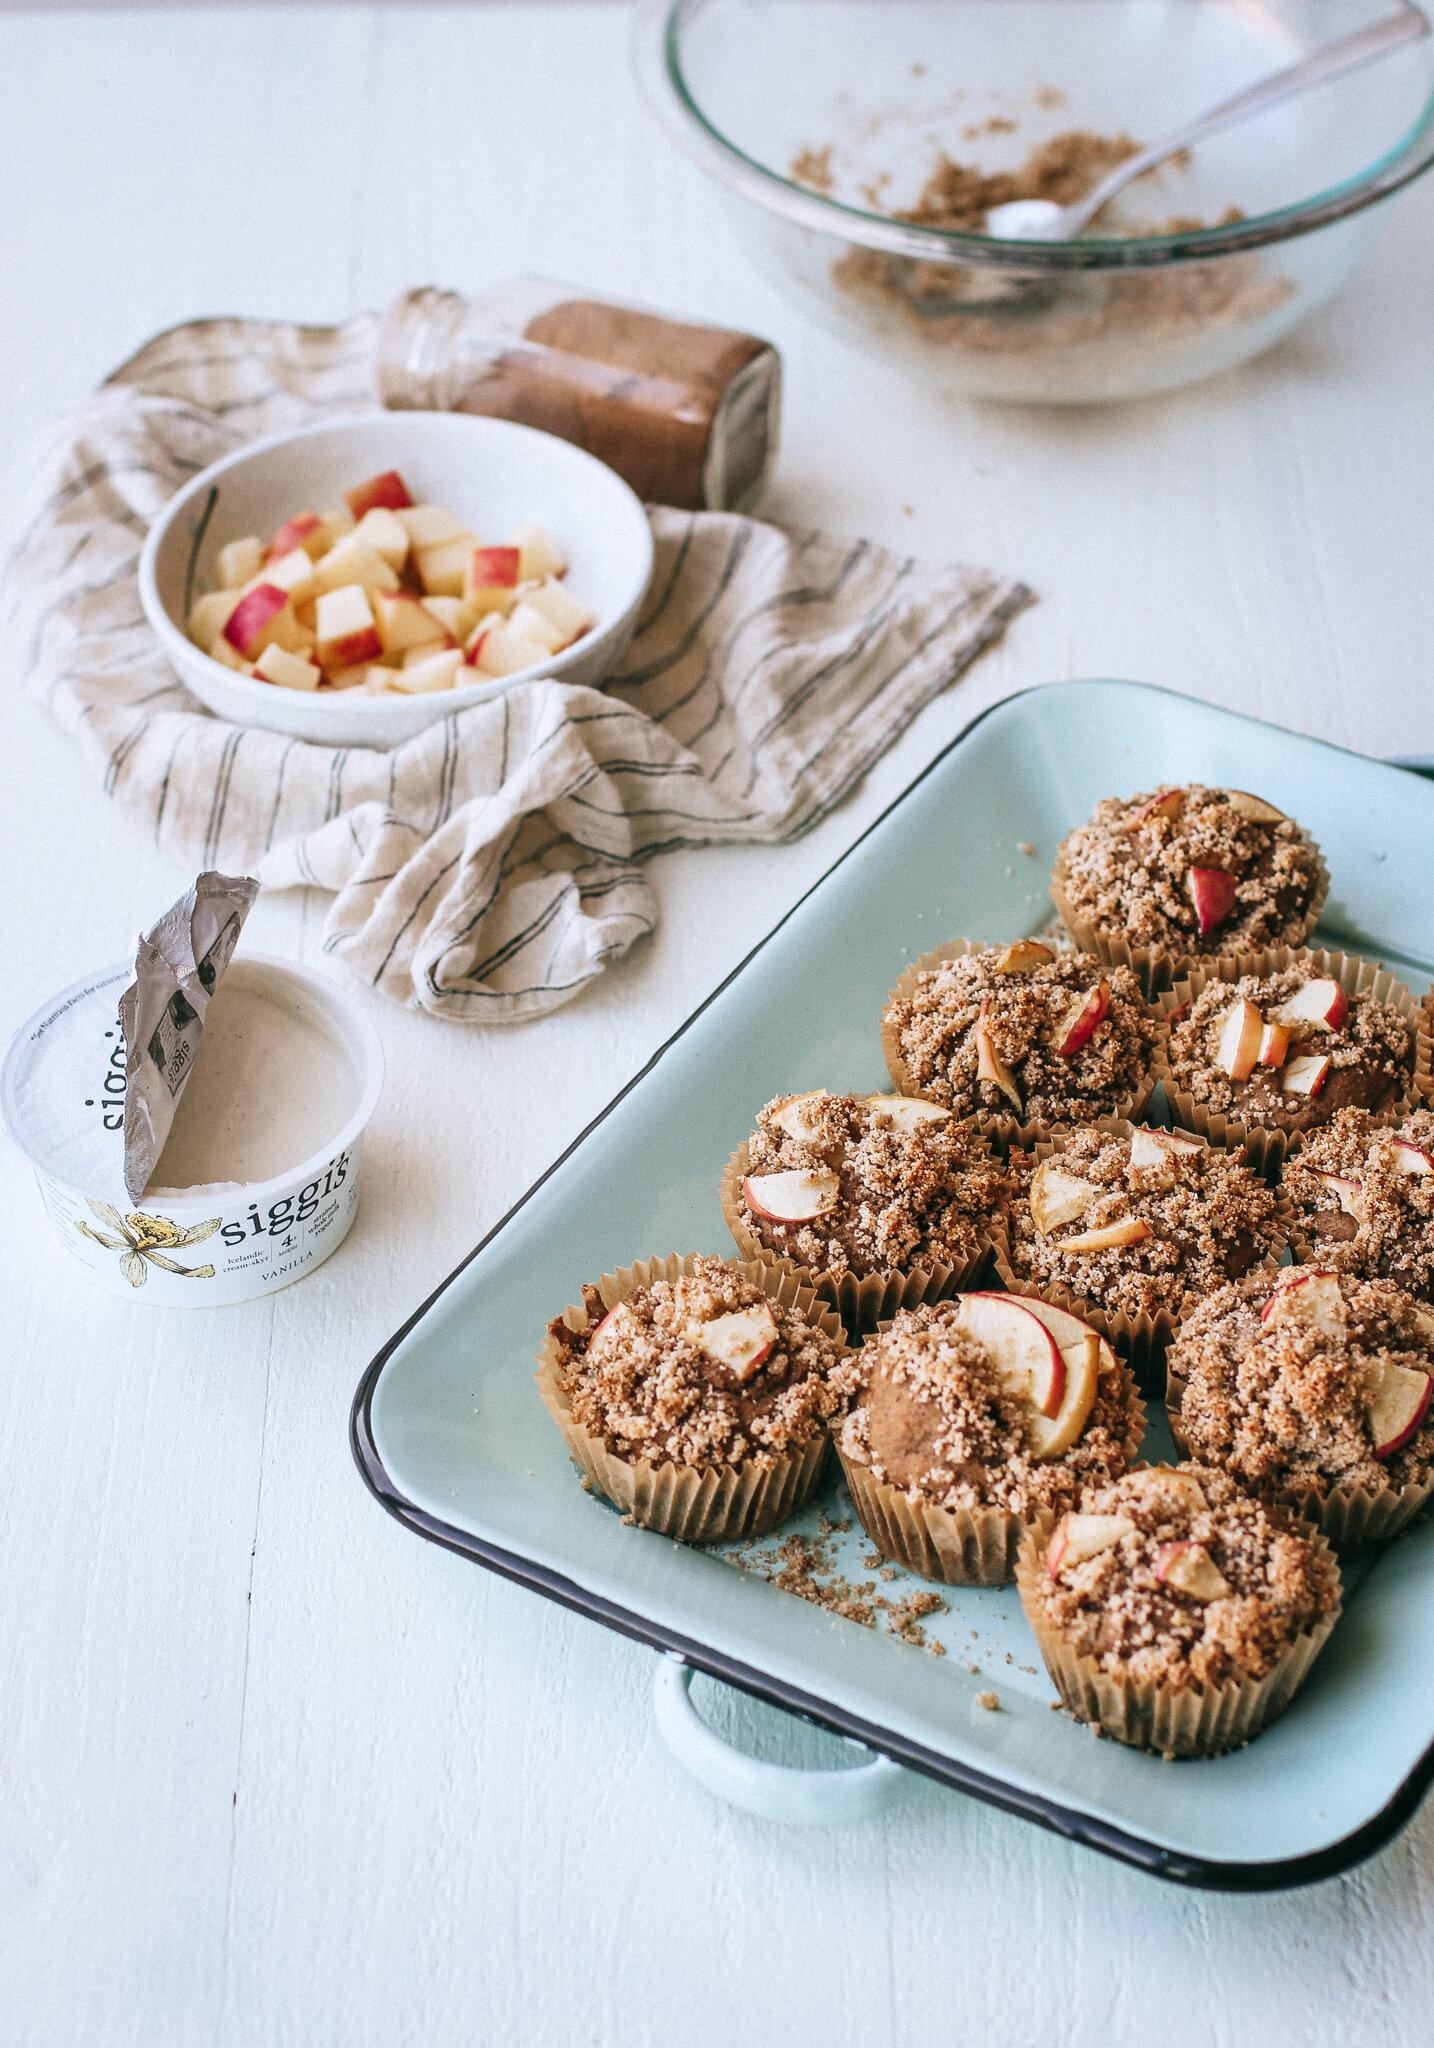 Healthy Gluten Free Apple Cinnamon Muffins